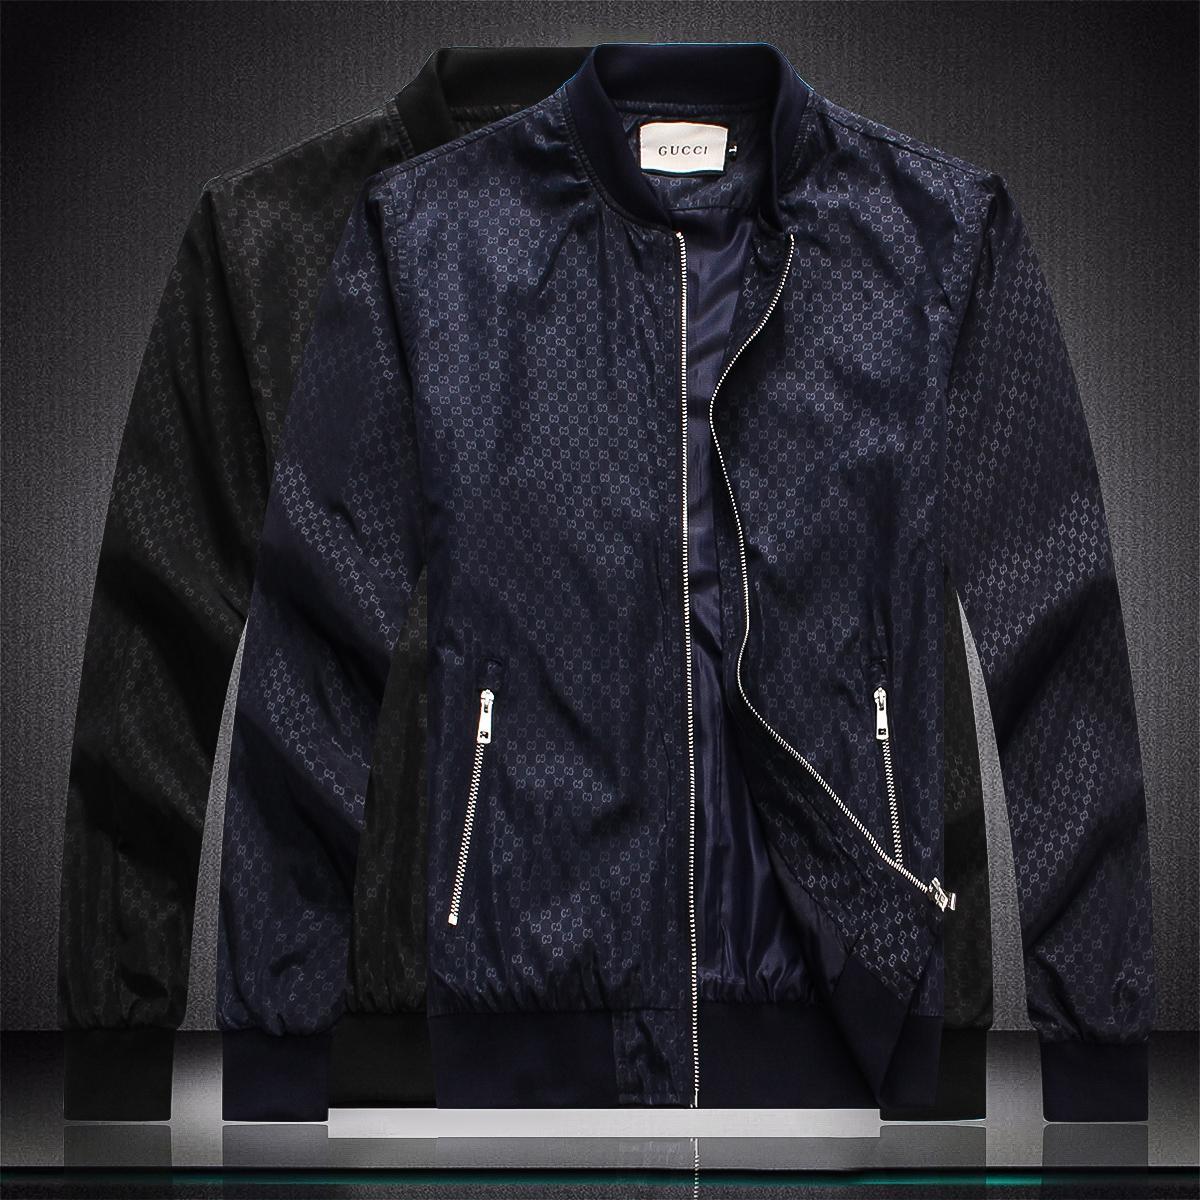 chaqueta de punto jersey chaqueta de otoño fuertes y del diseño del invierno de los hombres jersey de cremallera chaqueta de punto de los hombres de la chaqueta de punto